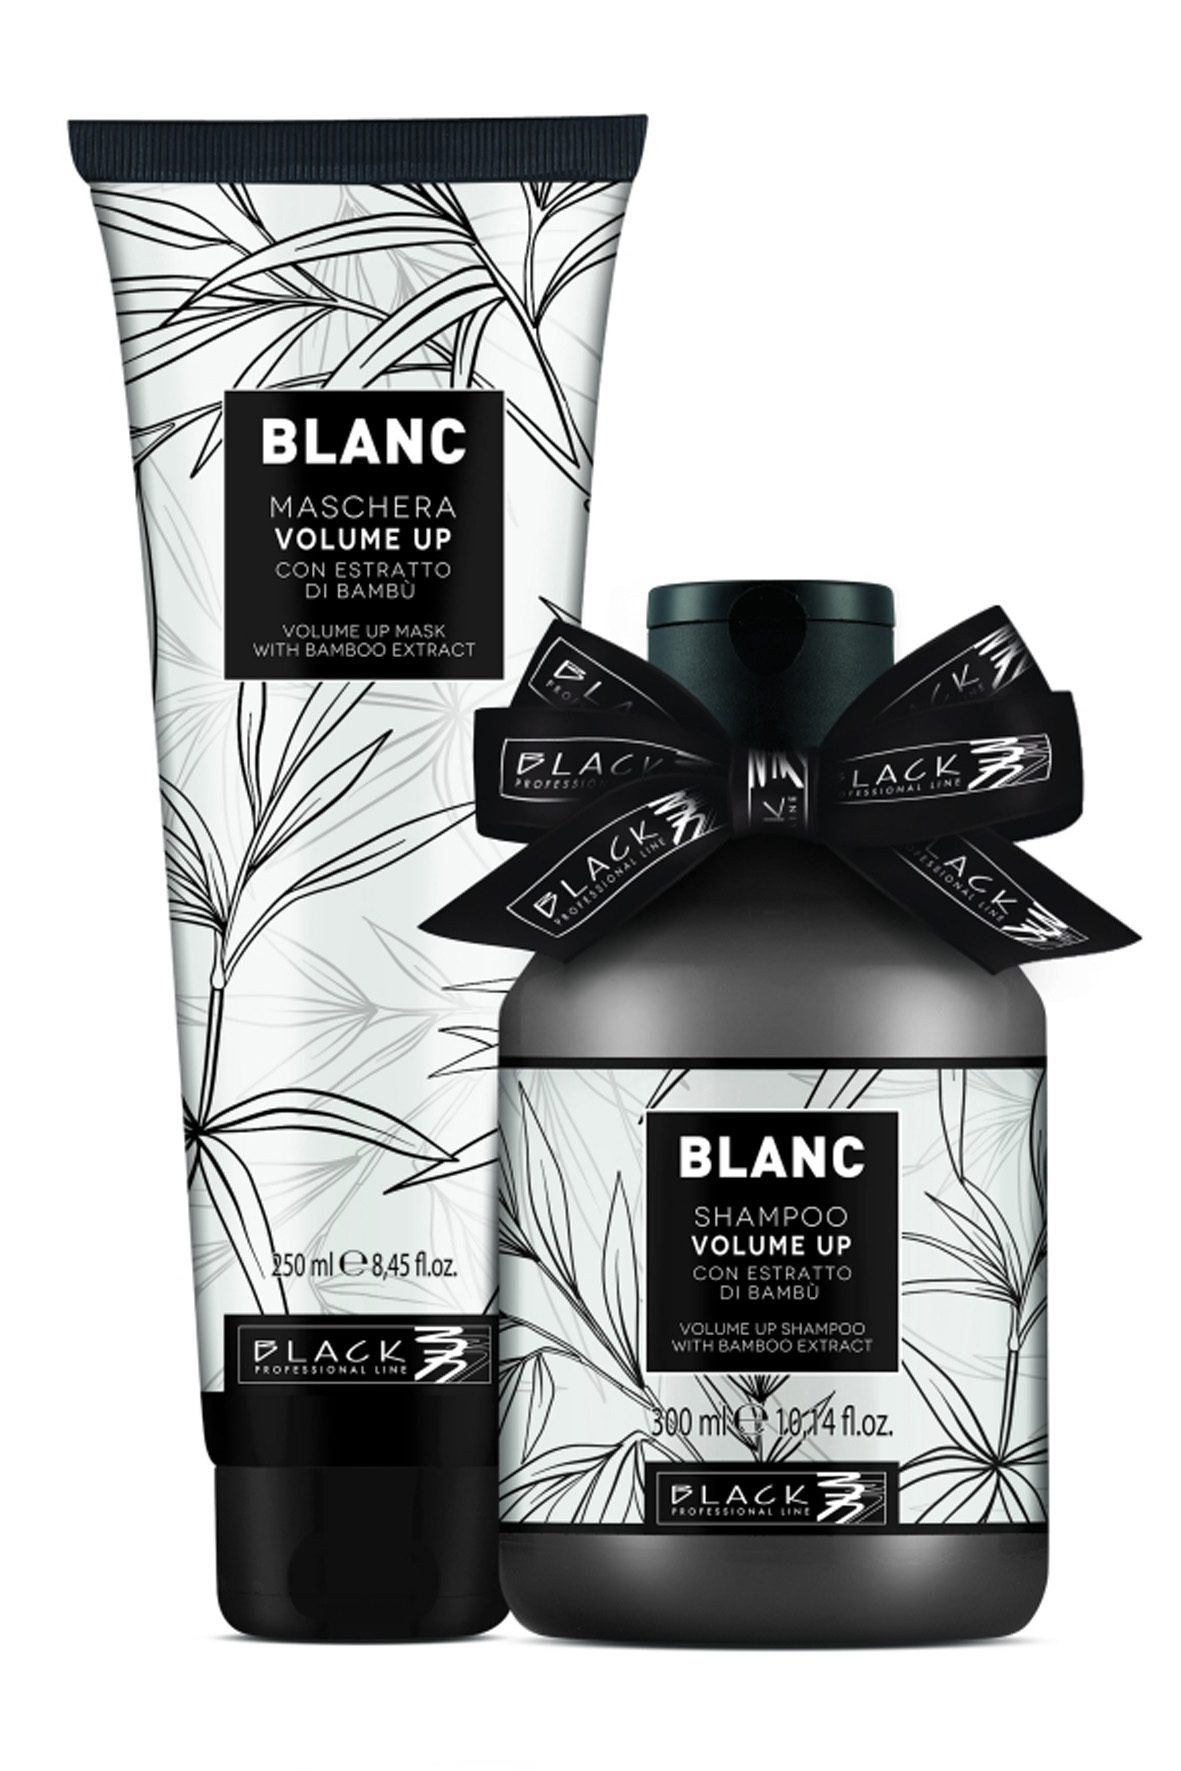 BALÍČEK: Black Volume Up - sada - šampon, 300 ml + maska, 250 ml